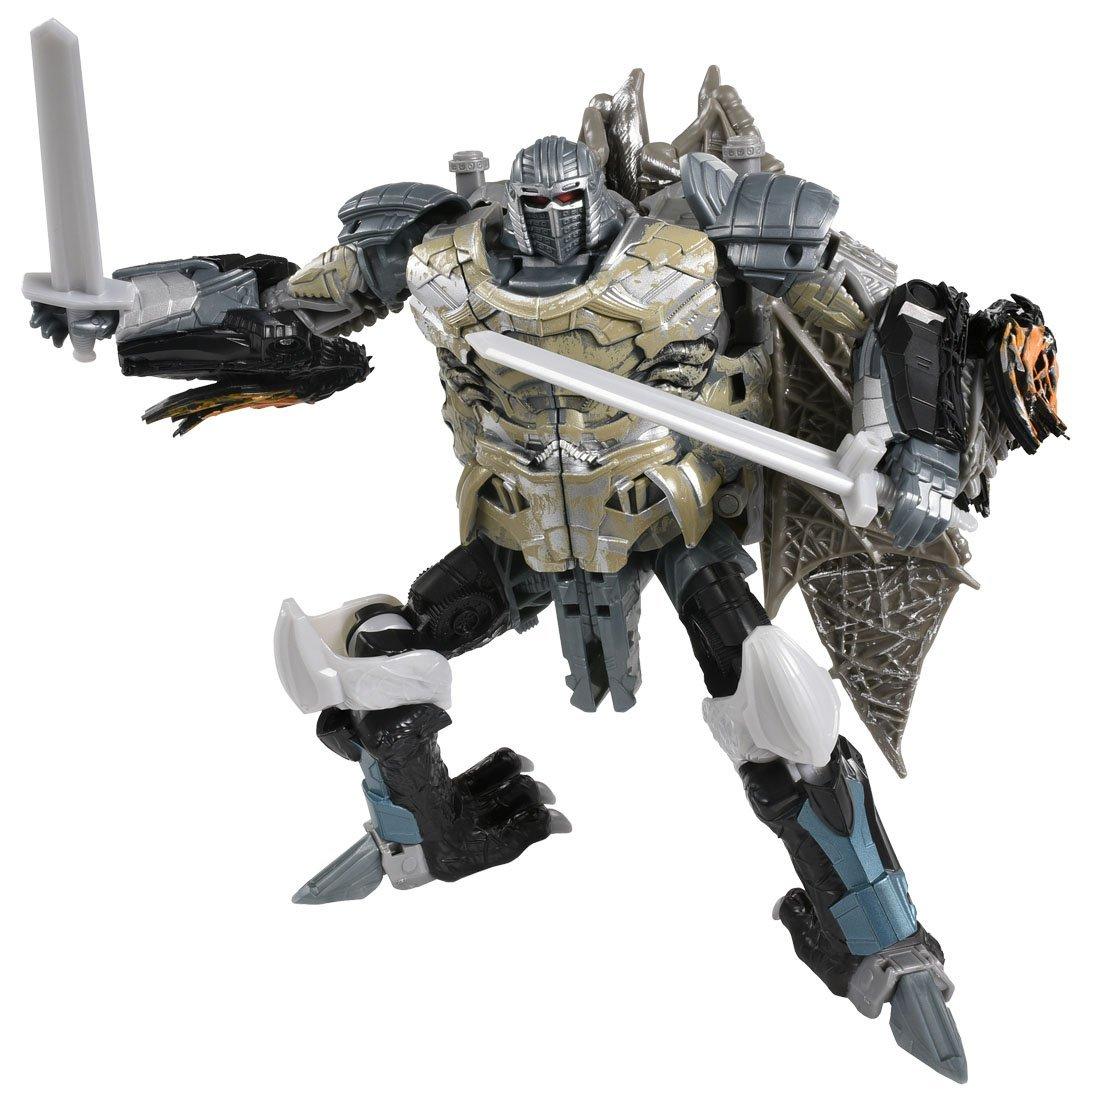 トランスフォーマームービー TLK-30 ドラゴンストーム-001